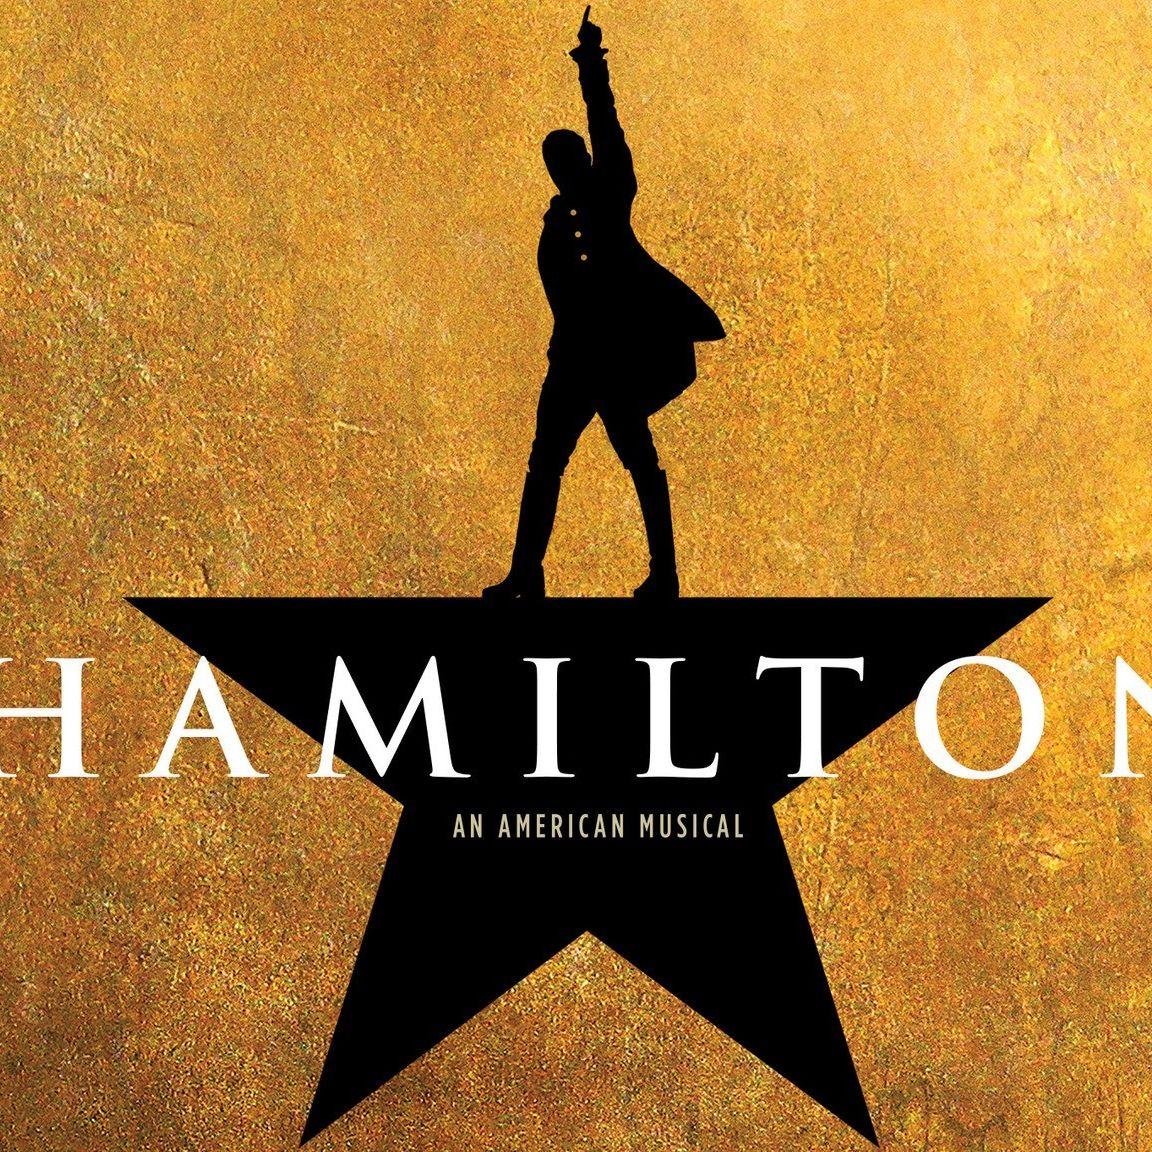 Hamilton xx wiahvg